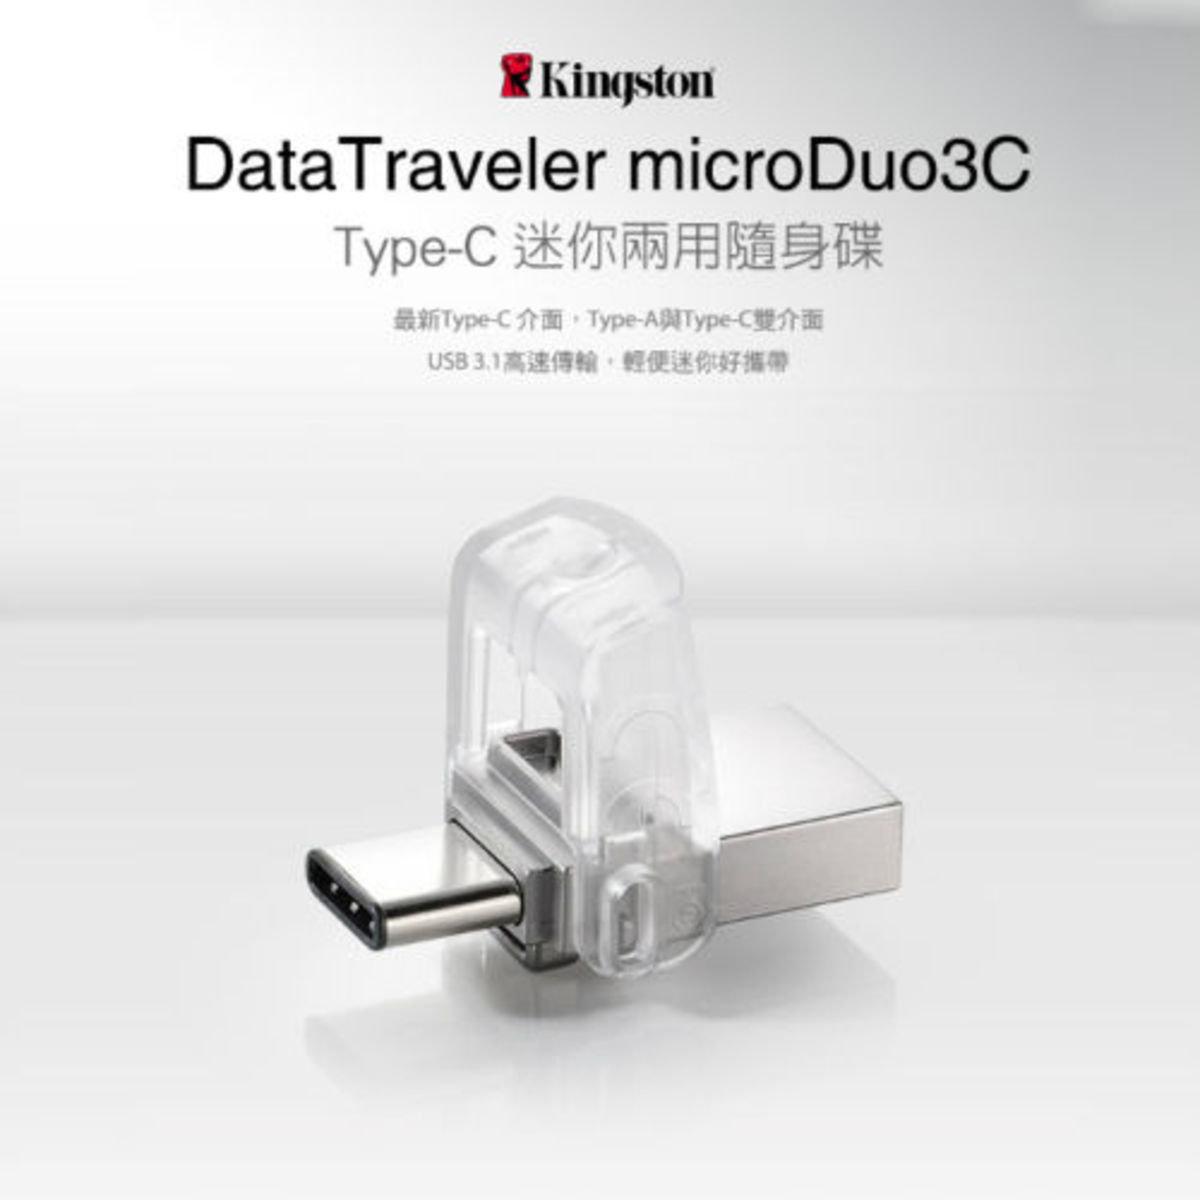 DataTraveler microDuo 3C USB 3.1 Type C OTG迷你快閃記憶體